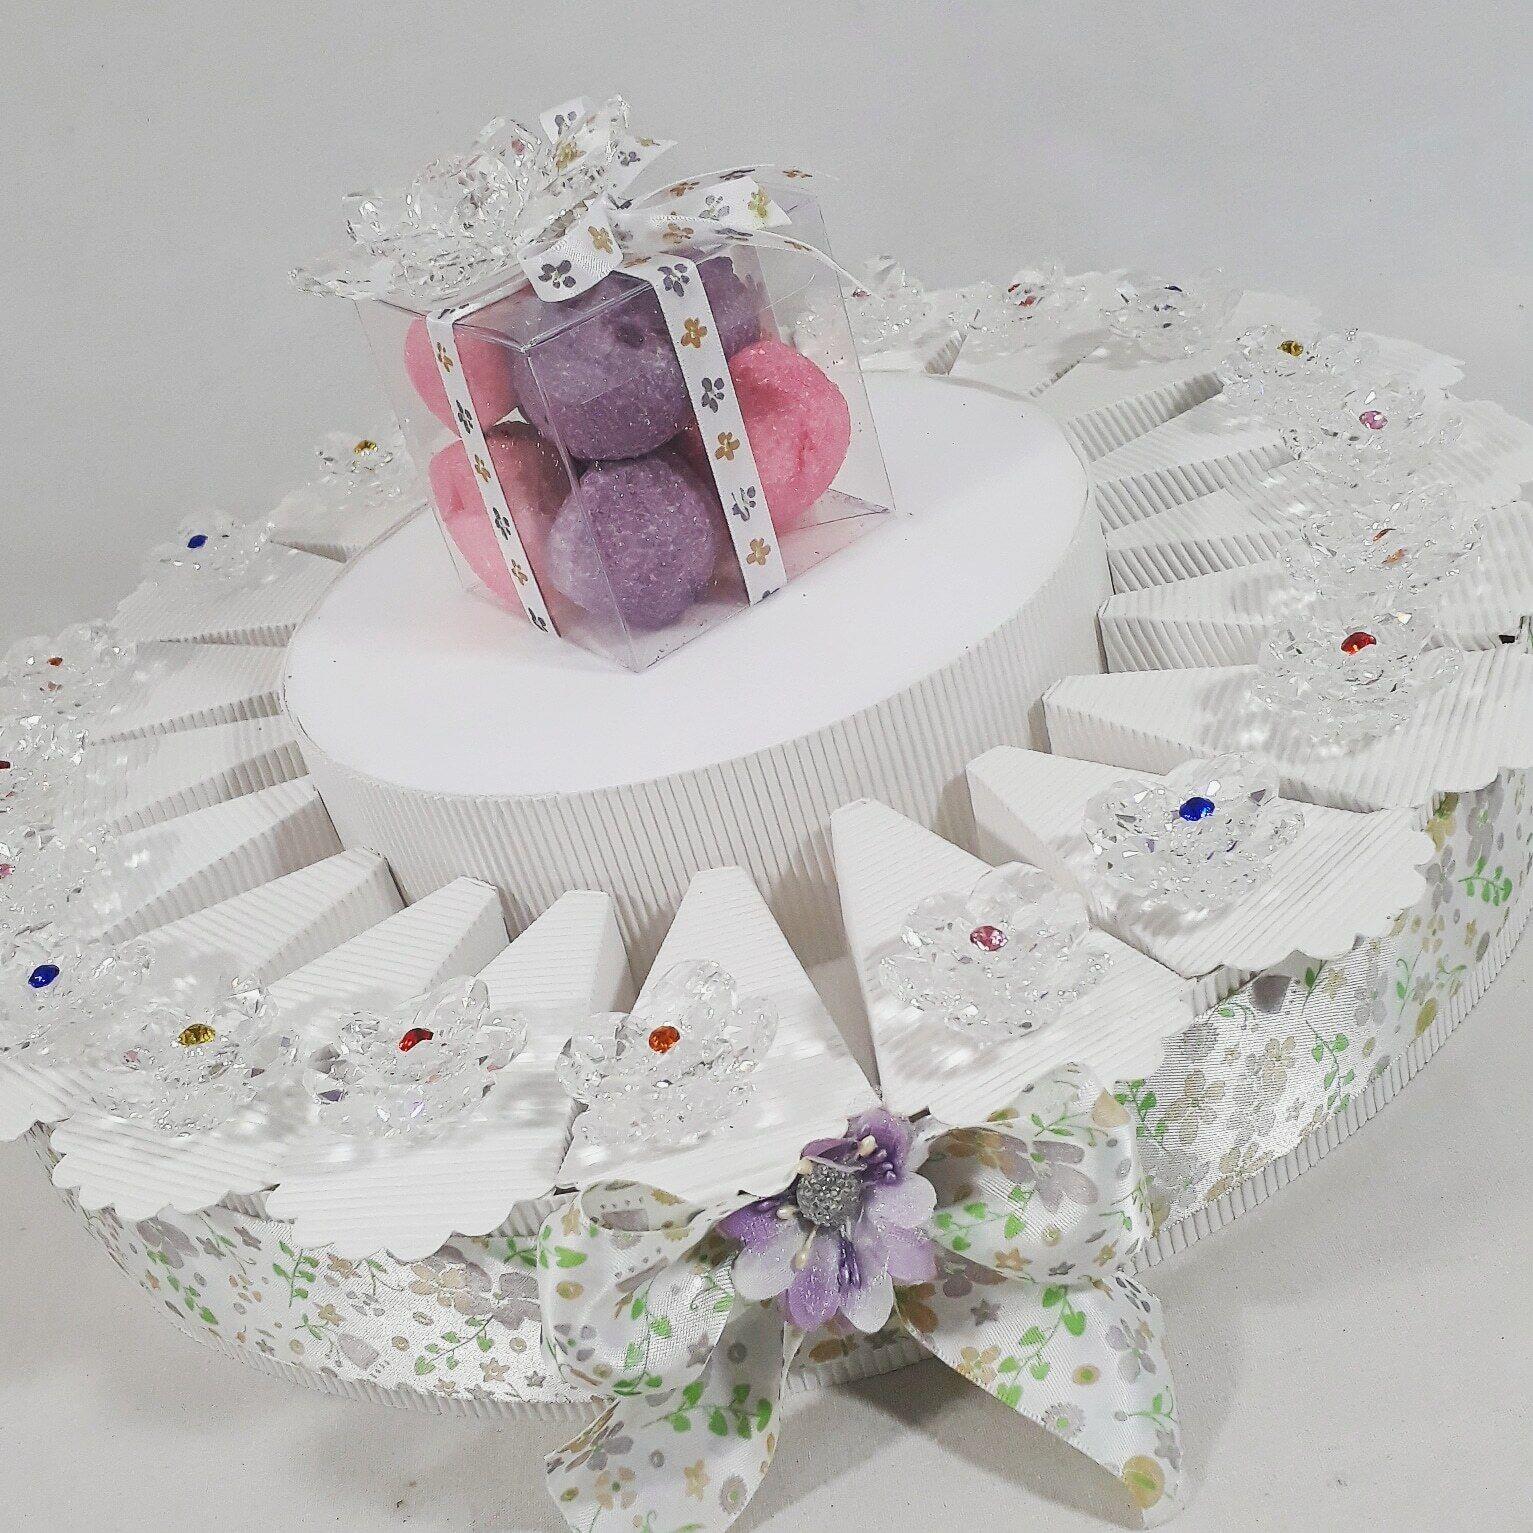 TORTA Bomboniere swarovsky fiore in cristallo con strass D'APPOGGIO 20 FETTE